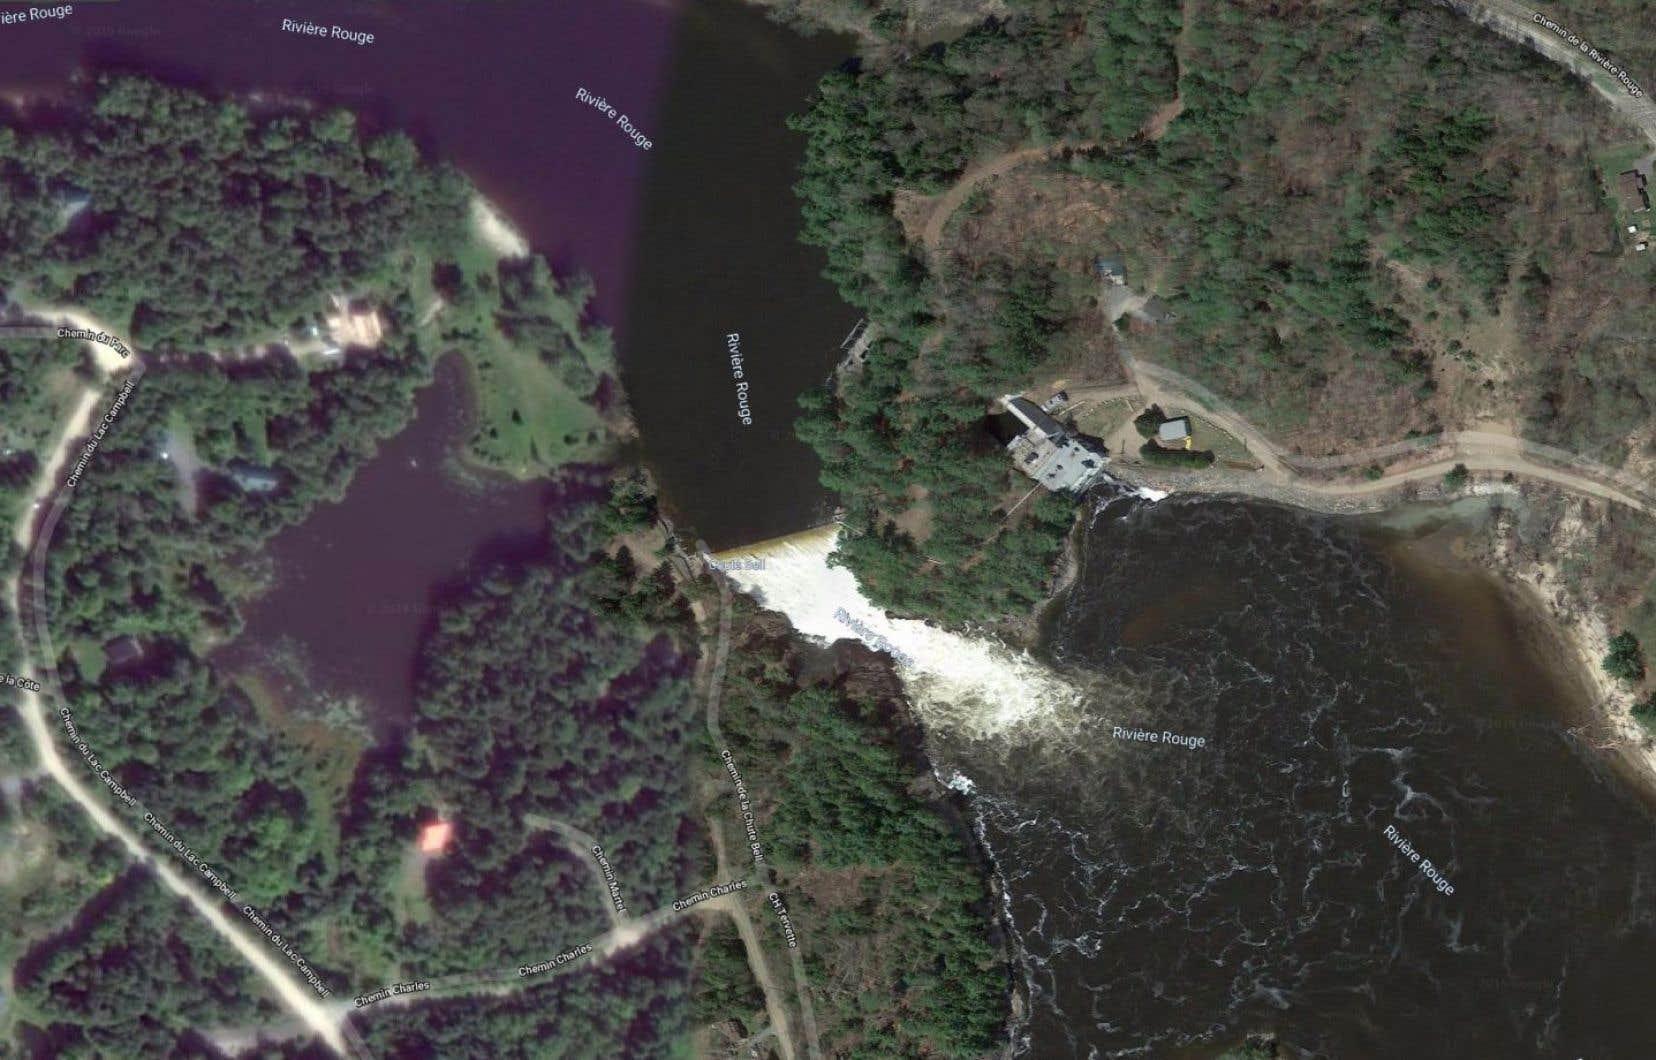 Voilà maintenant une semaine que les autorités de sécurité publique ont lancé une alerte avisant tous les citoyens domiciliés en aval du barrage de la Chute-Bell, sur la rivière Rouge, d'évacuer sans délai.